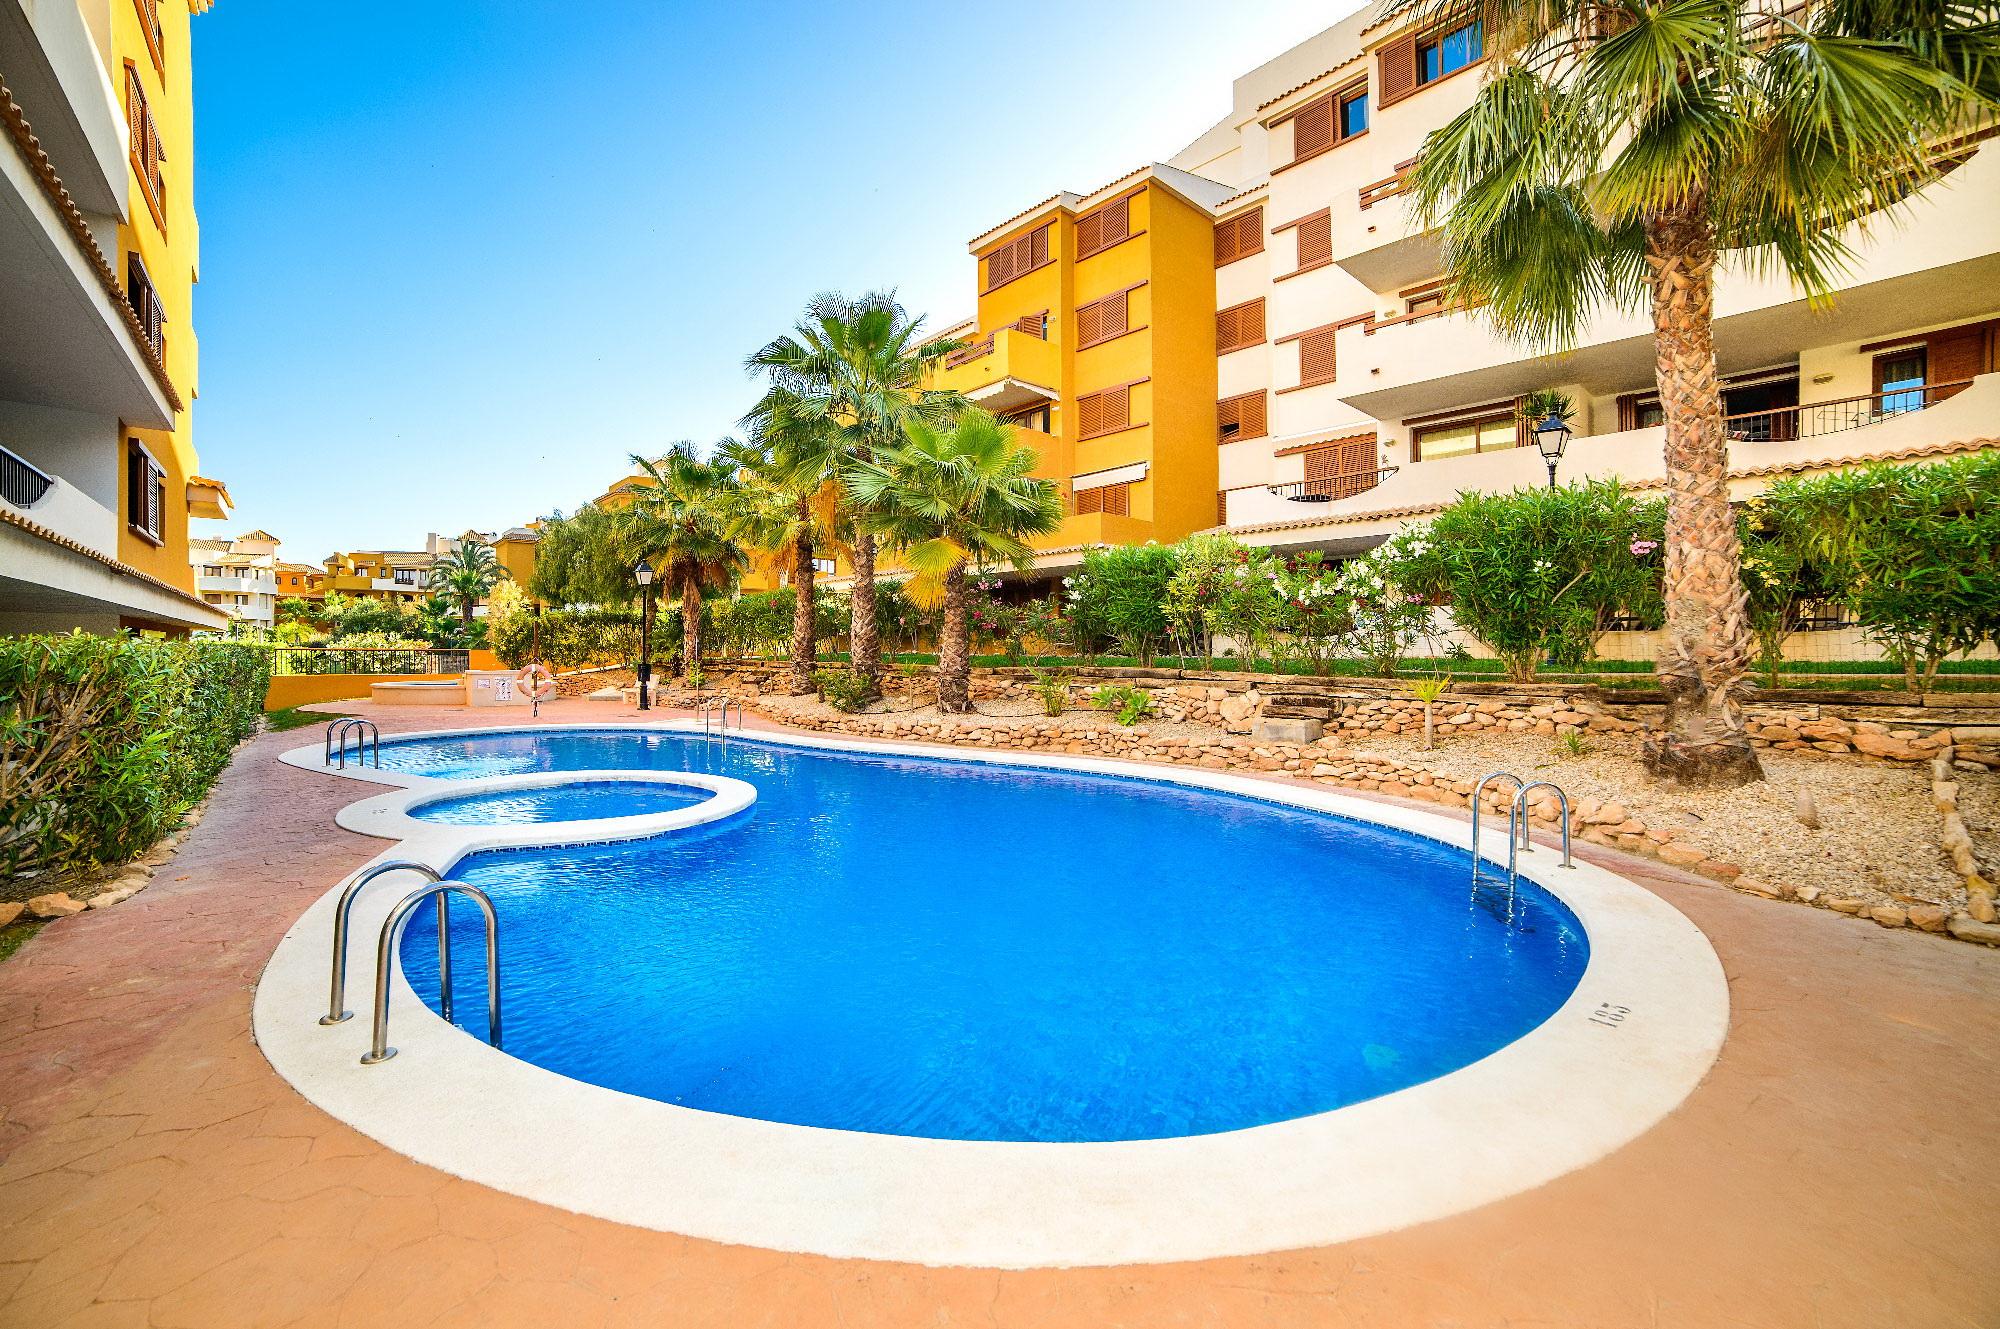 Apartment Espanhouse Flamenco photo 23265272